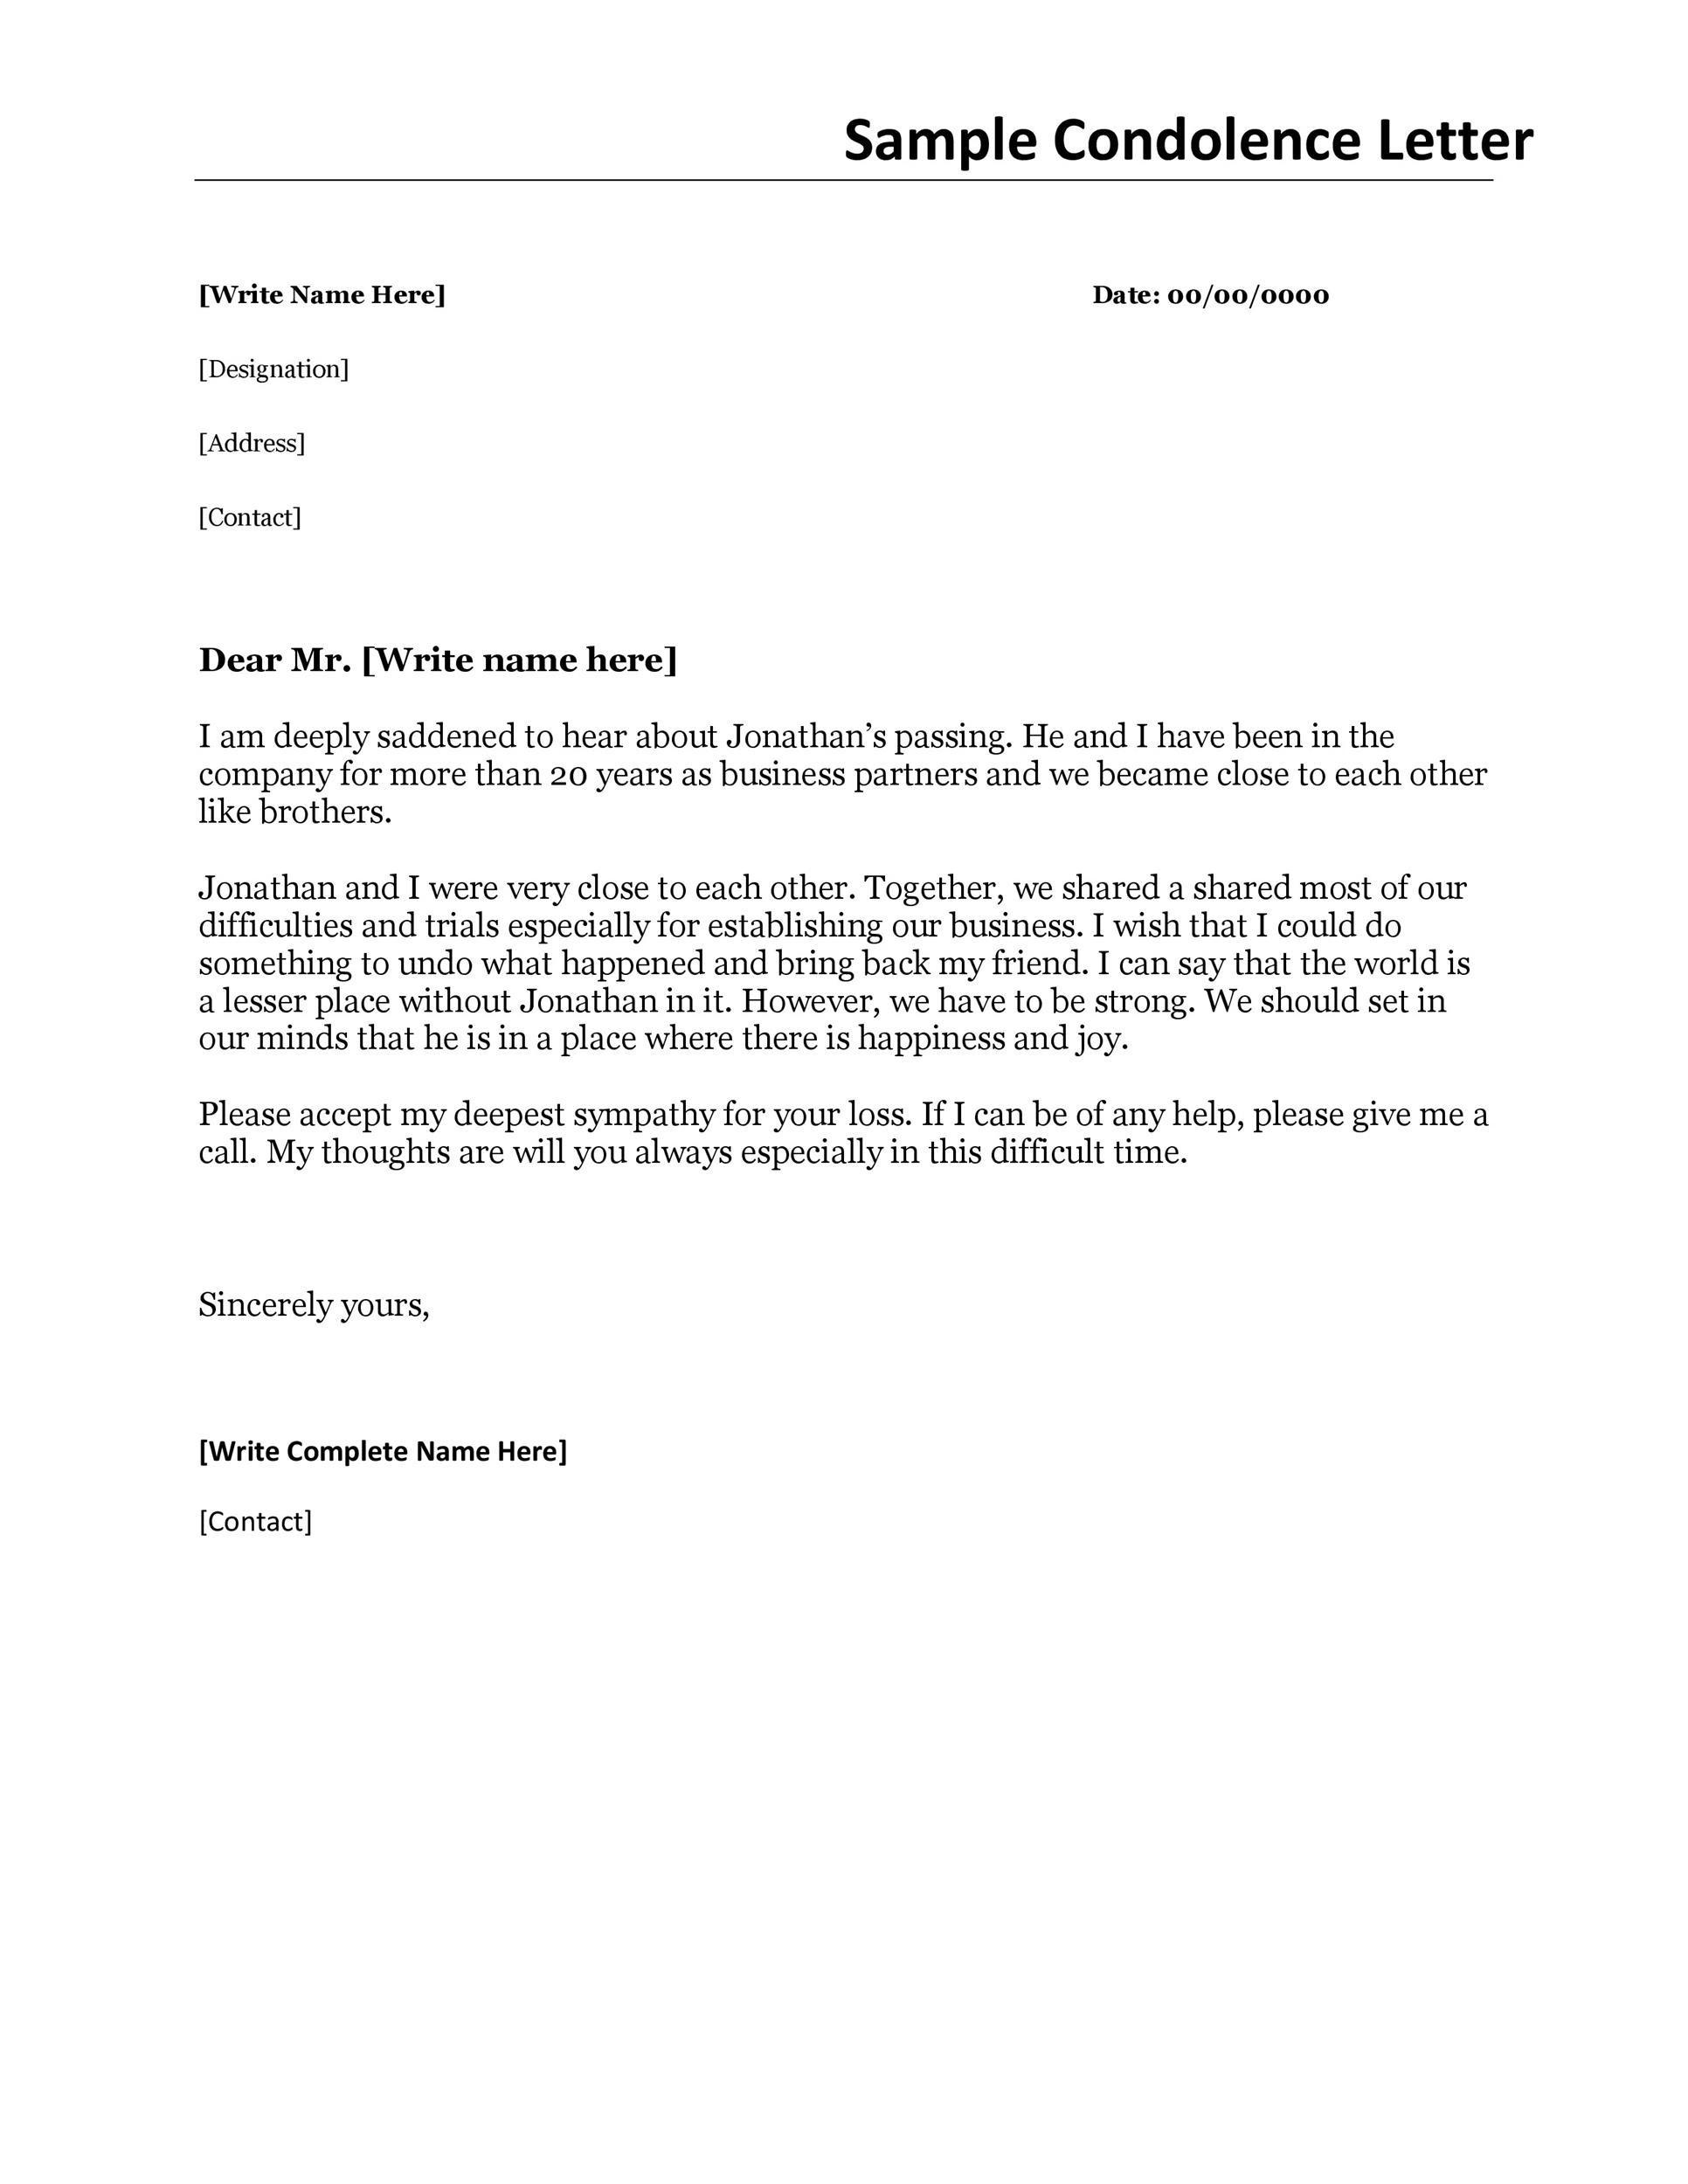 Free condolence letter 34